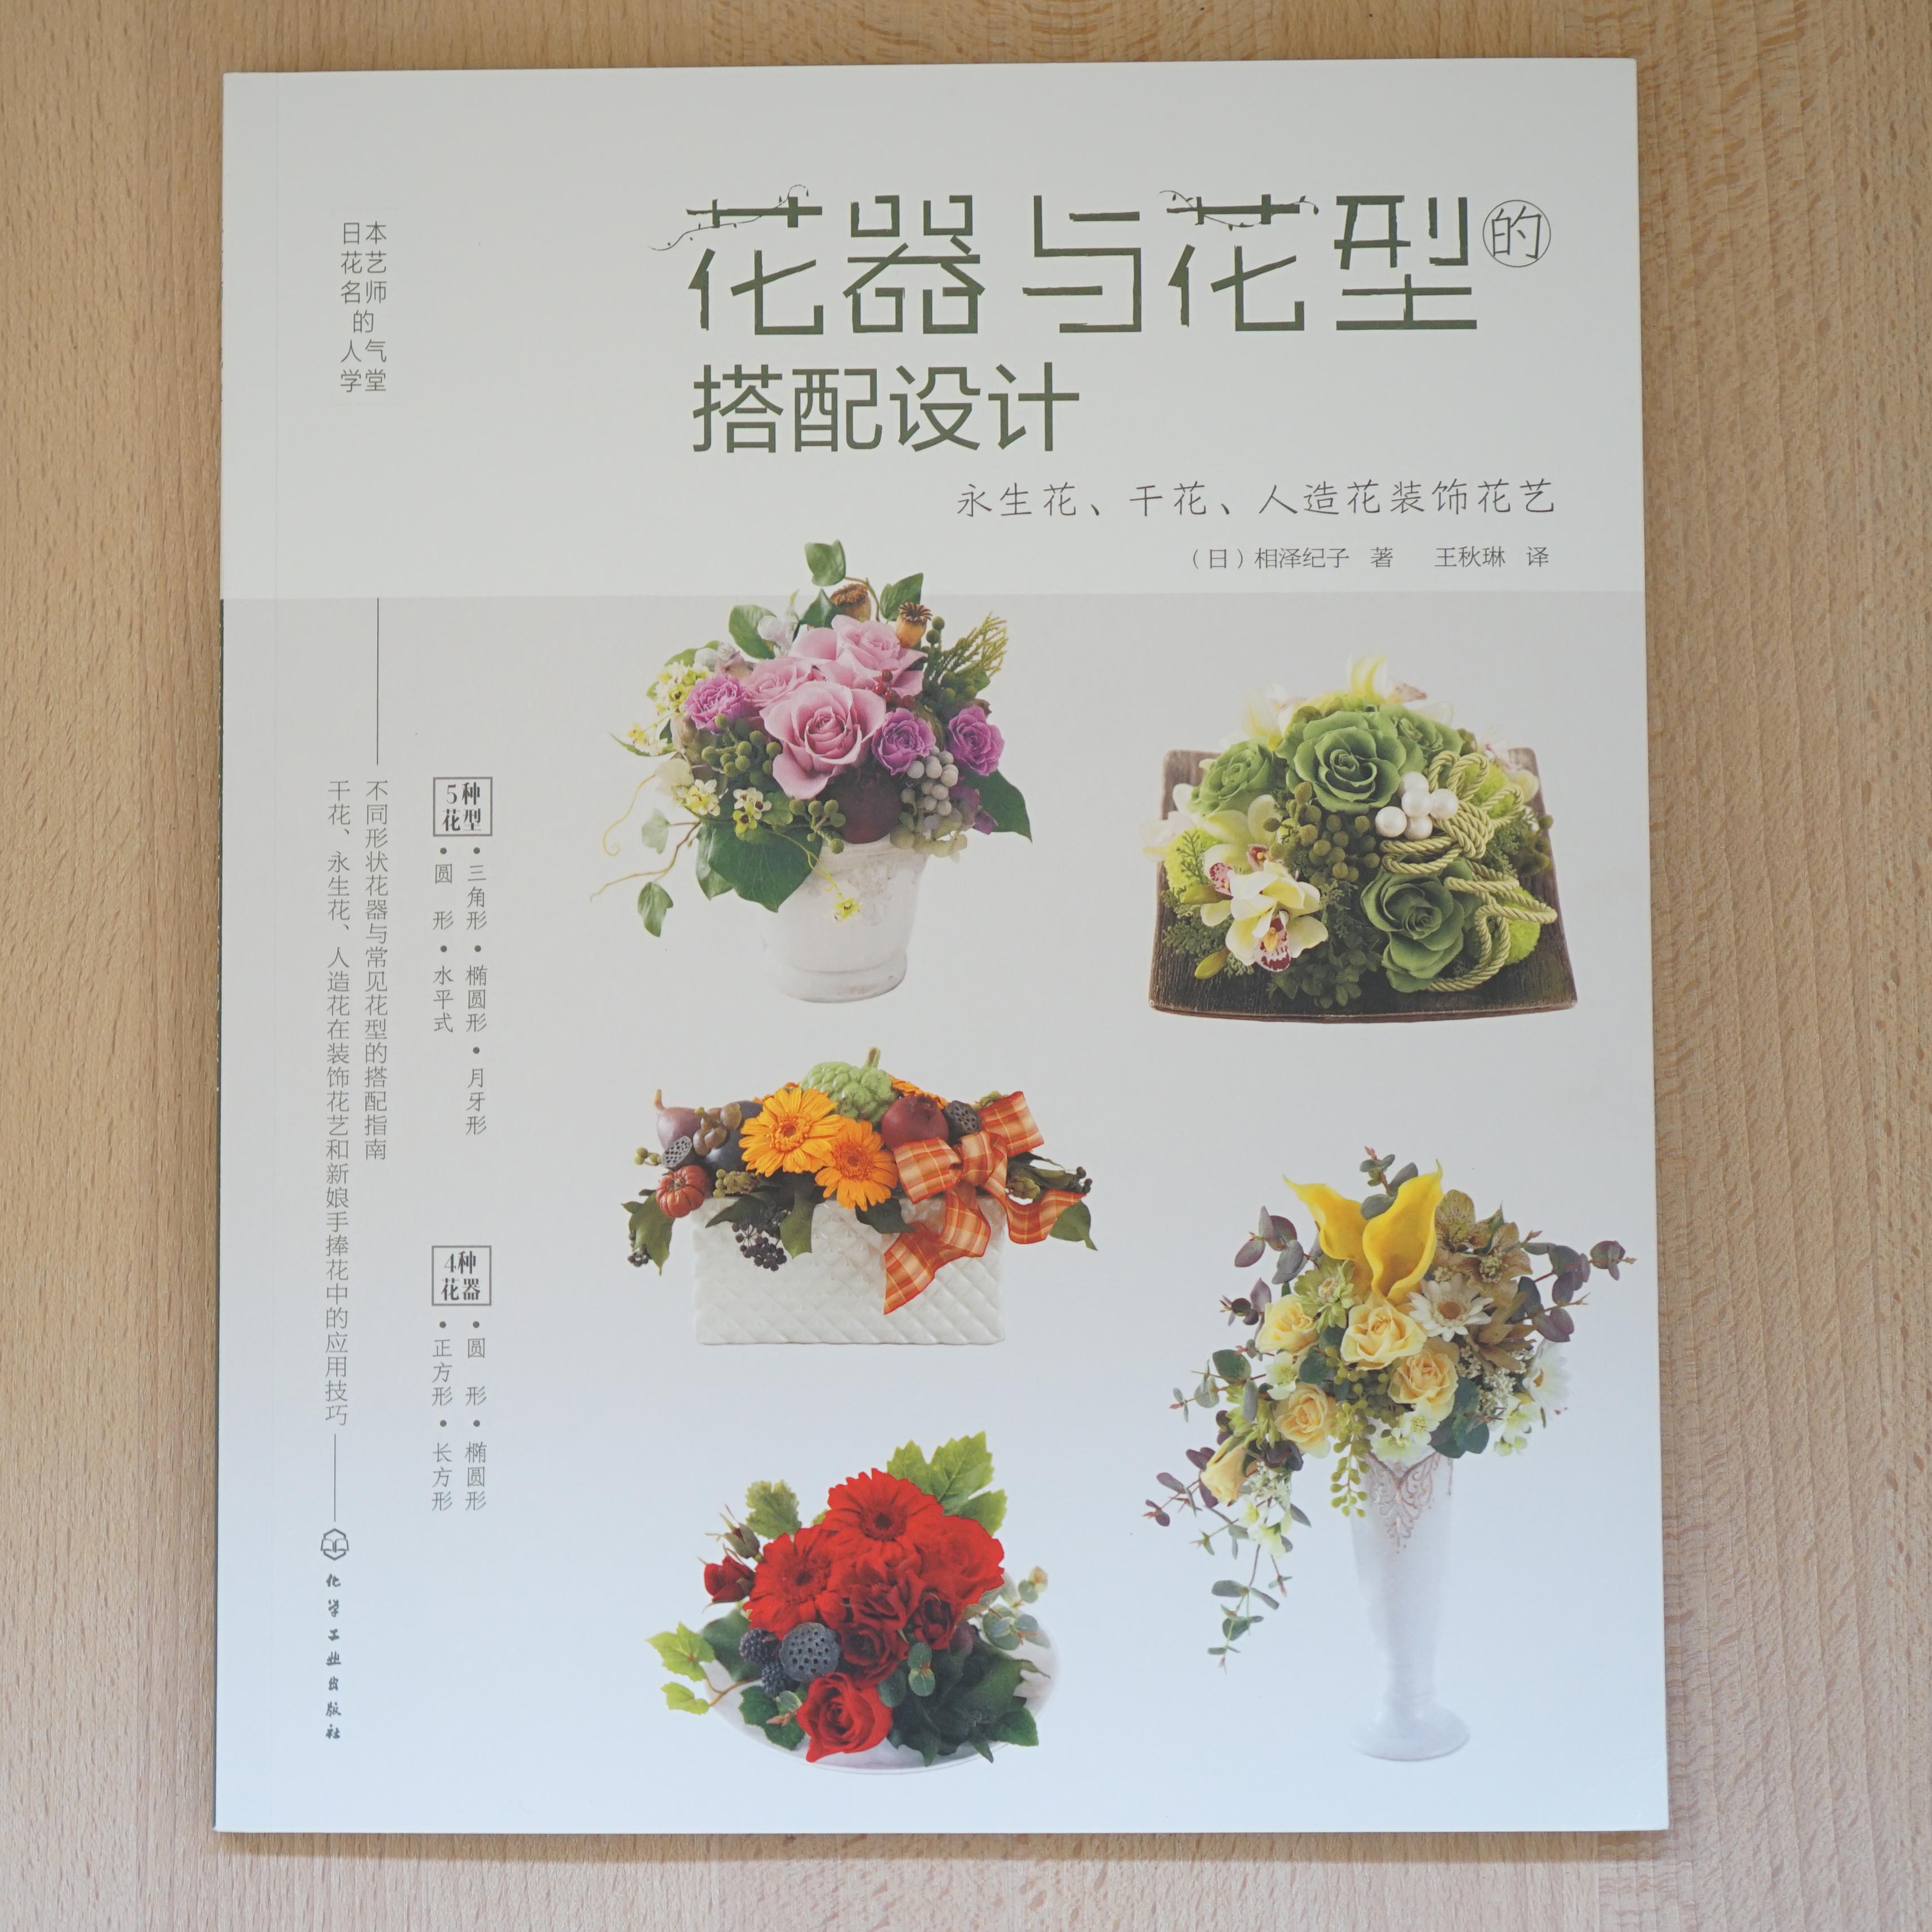 中国版「プリザーブドフラワー・テクニックブック2 器別アレンジメント&花別ウエディングブーケ」出版のお知らせ